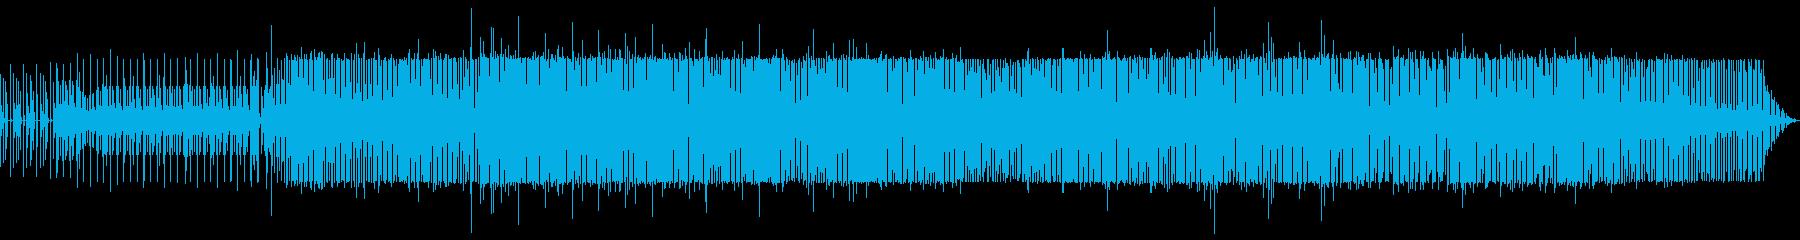 アナログドラムと民族的なリズム楽器の音の再生済みの波形